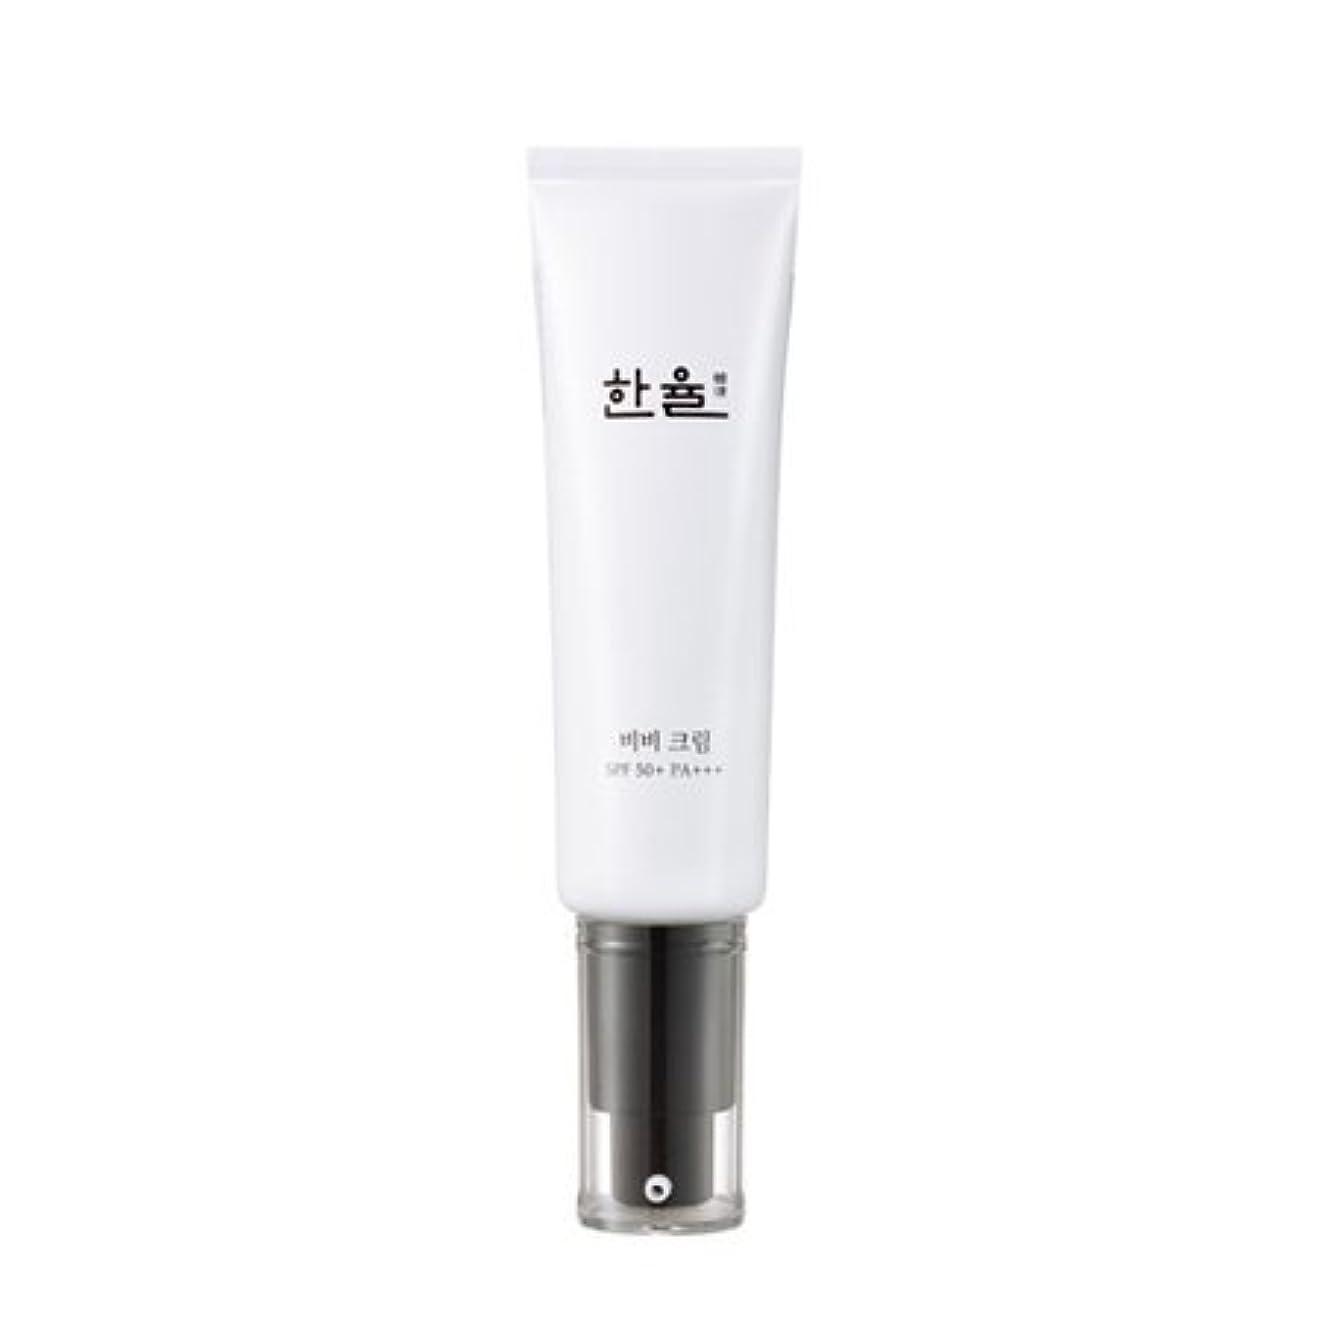 新着動作決定する[HANYUL] BB Cream SPF 50+/pa+++ (#01 Bright Pink)